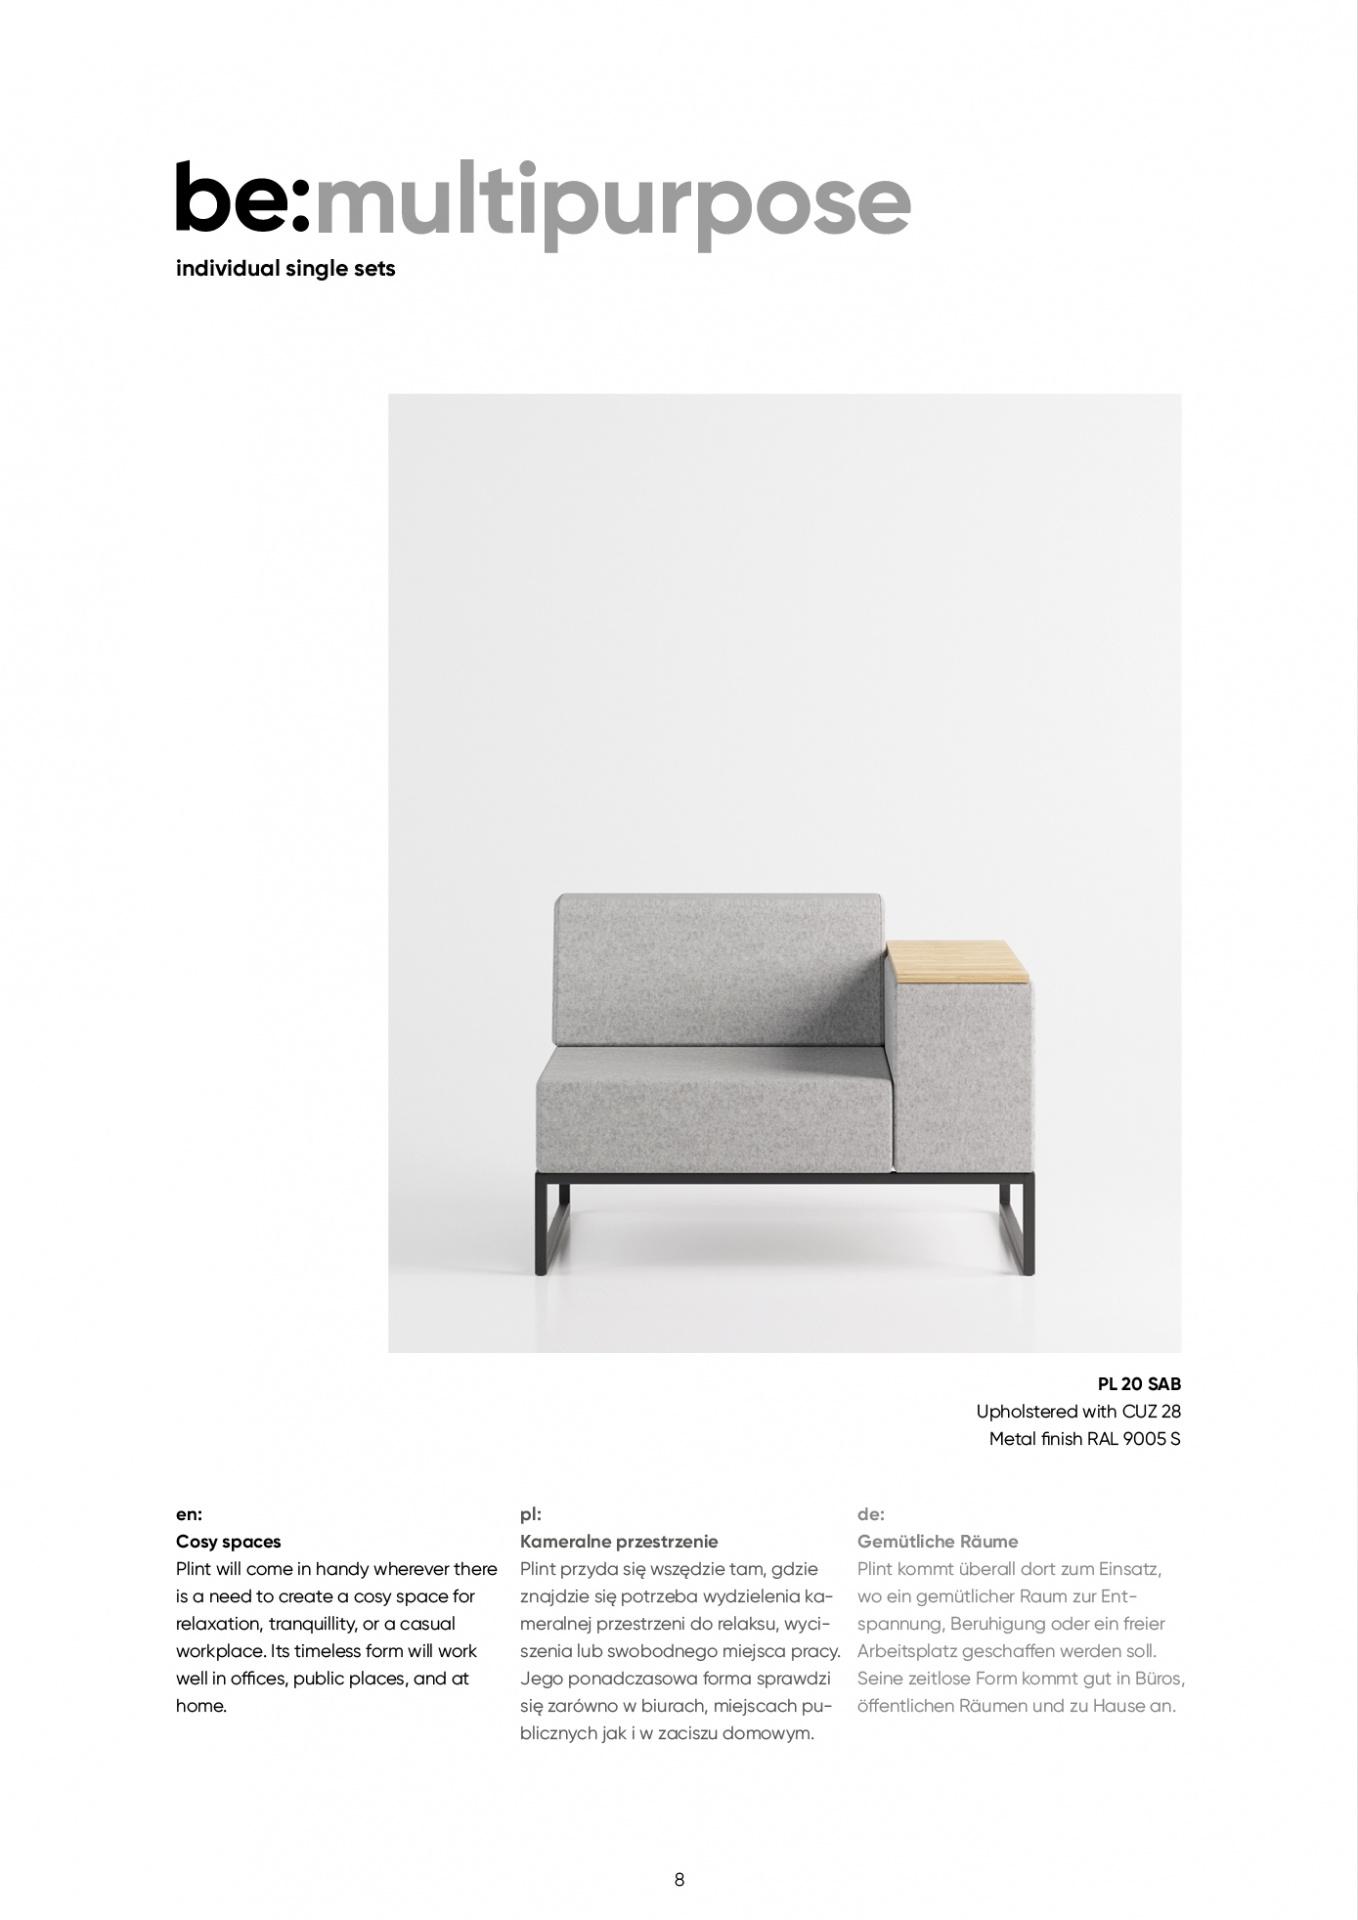 plint-catalogue-v2-8.jpg